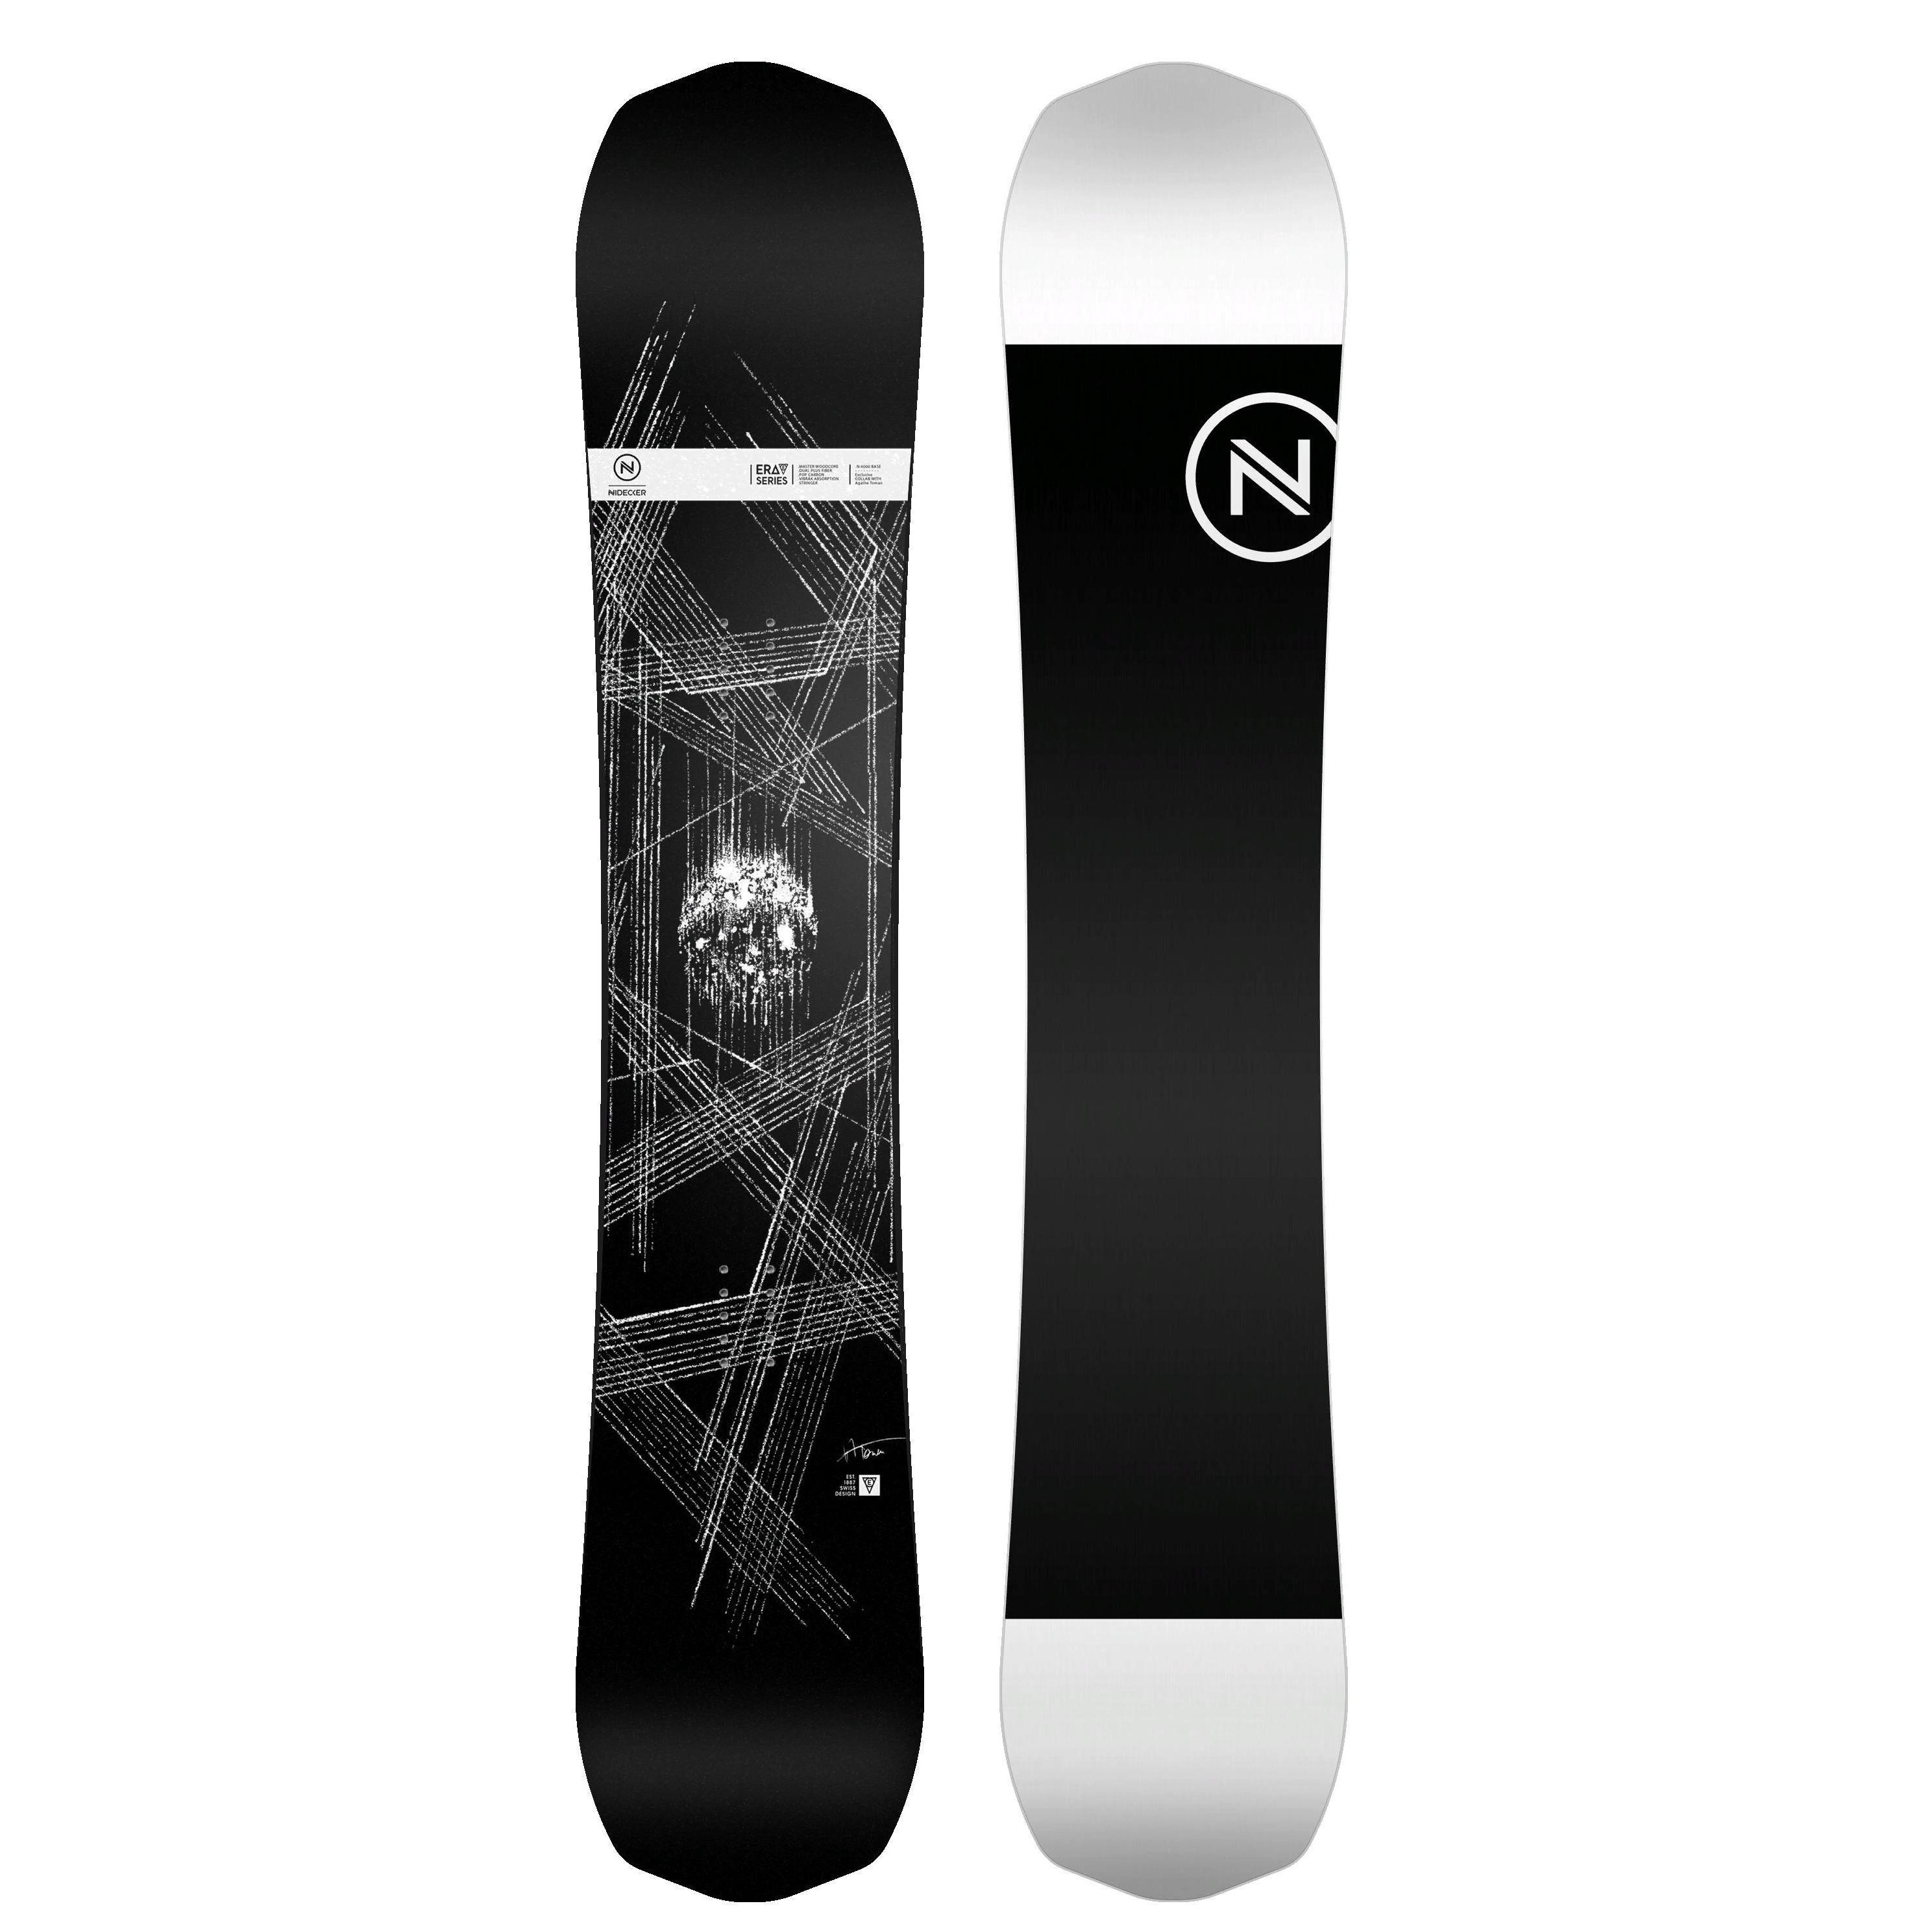 Сноуборд NIDECKER Era 2018-19 - купить недорого, цены в магазине КАНТ e83efed1370